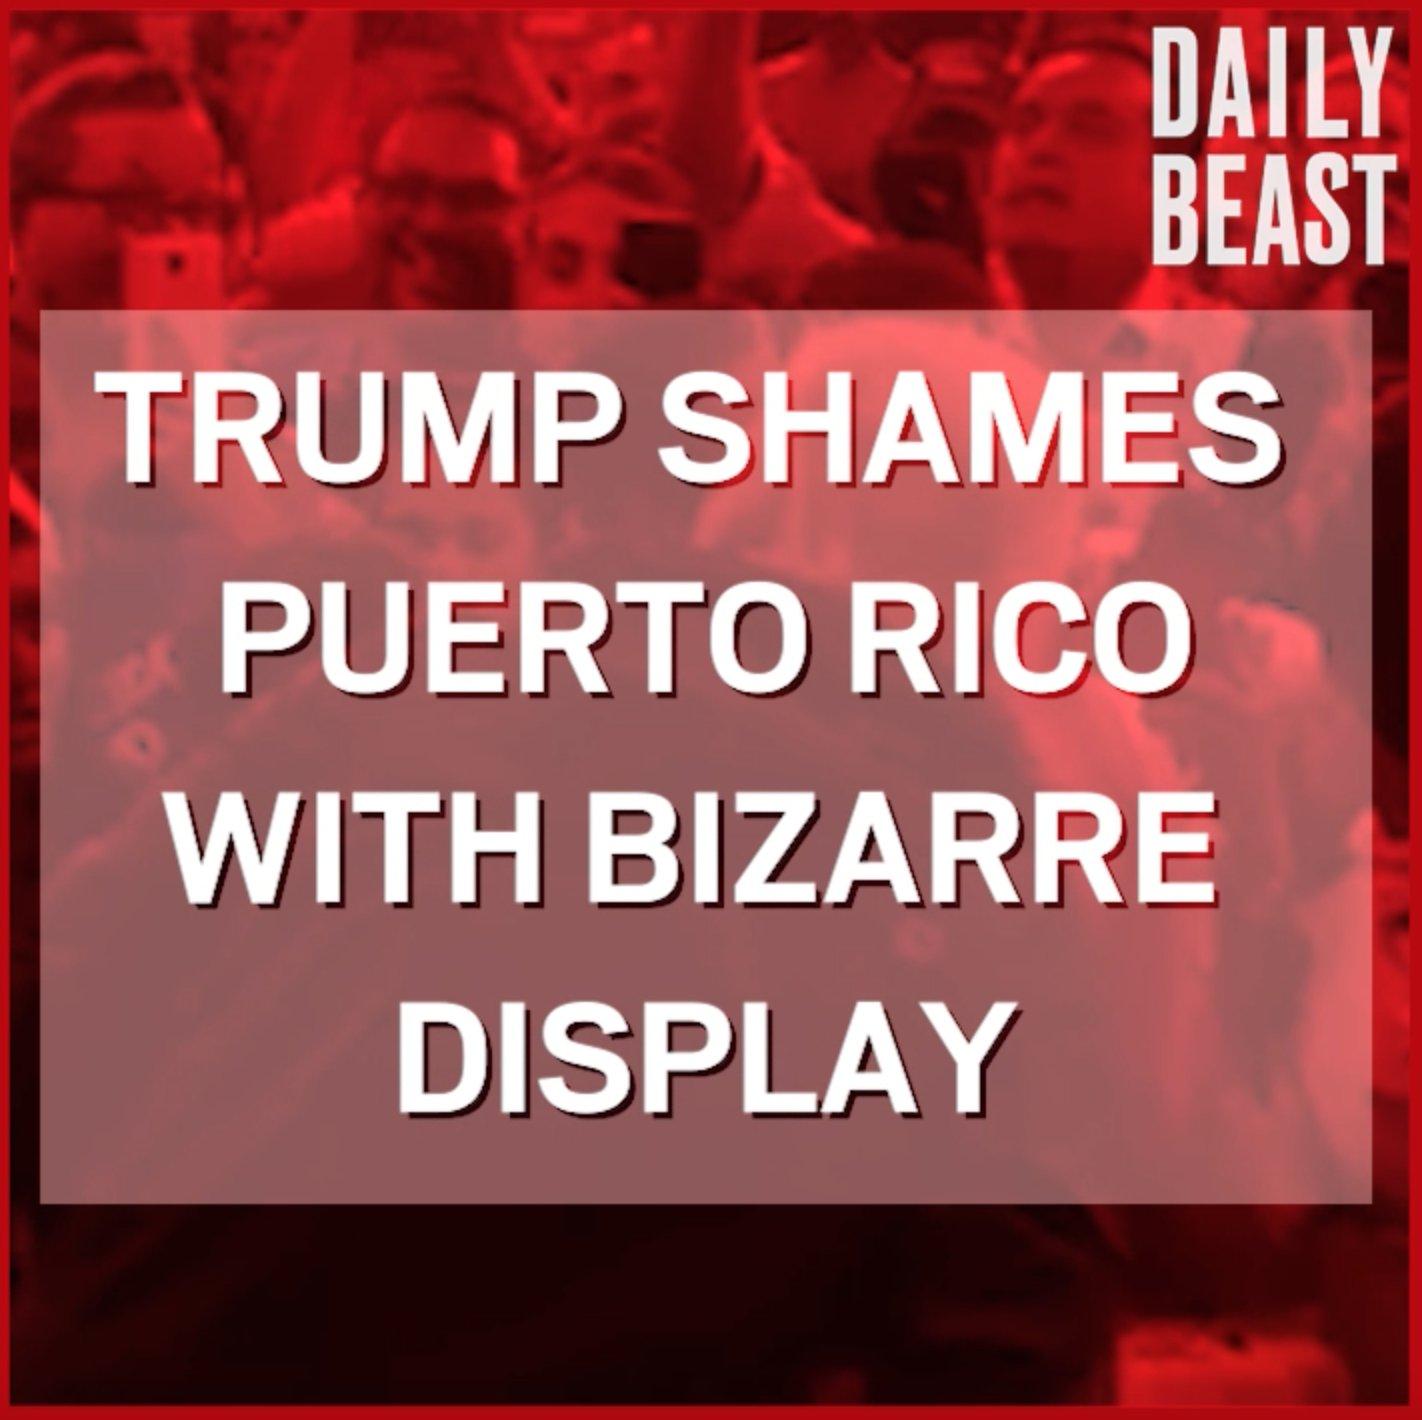 RT @thedailybeast: Trump's visit to Puerto Rico was, um, unique. https://t.co/2wNIjQNZ5K https://t.co/p7fg7JjqUp